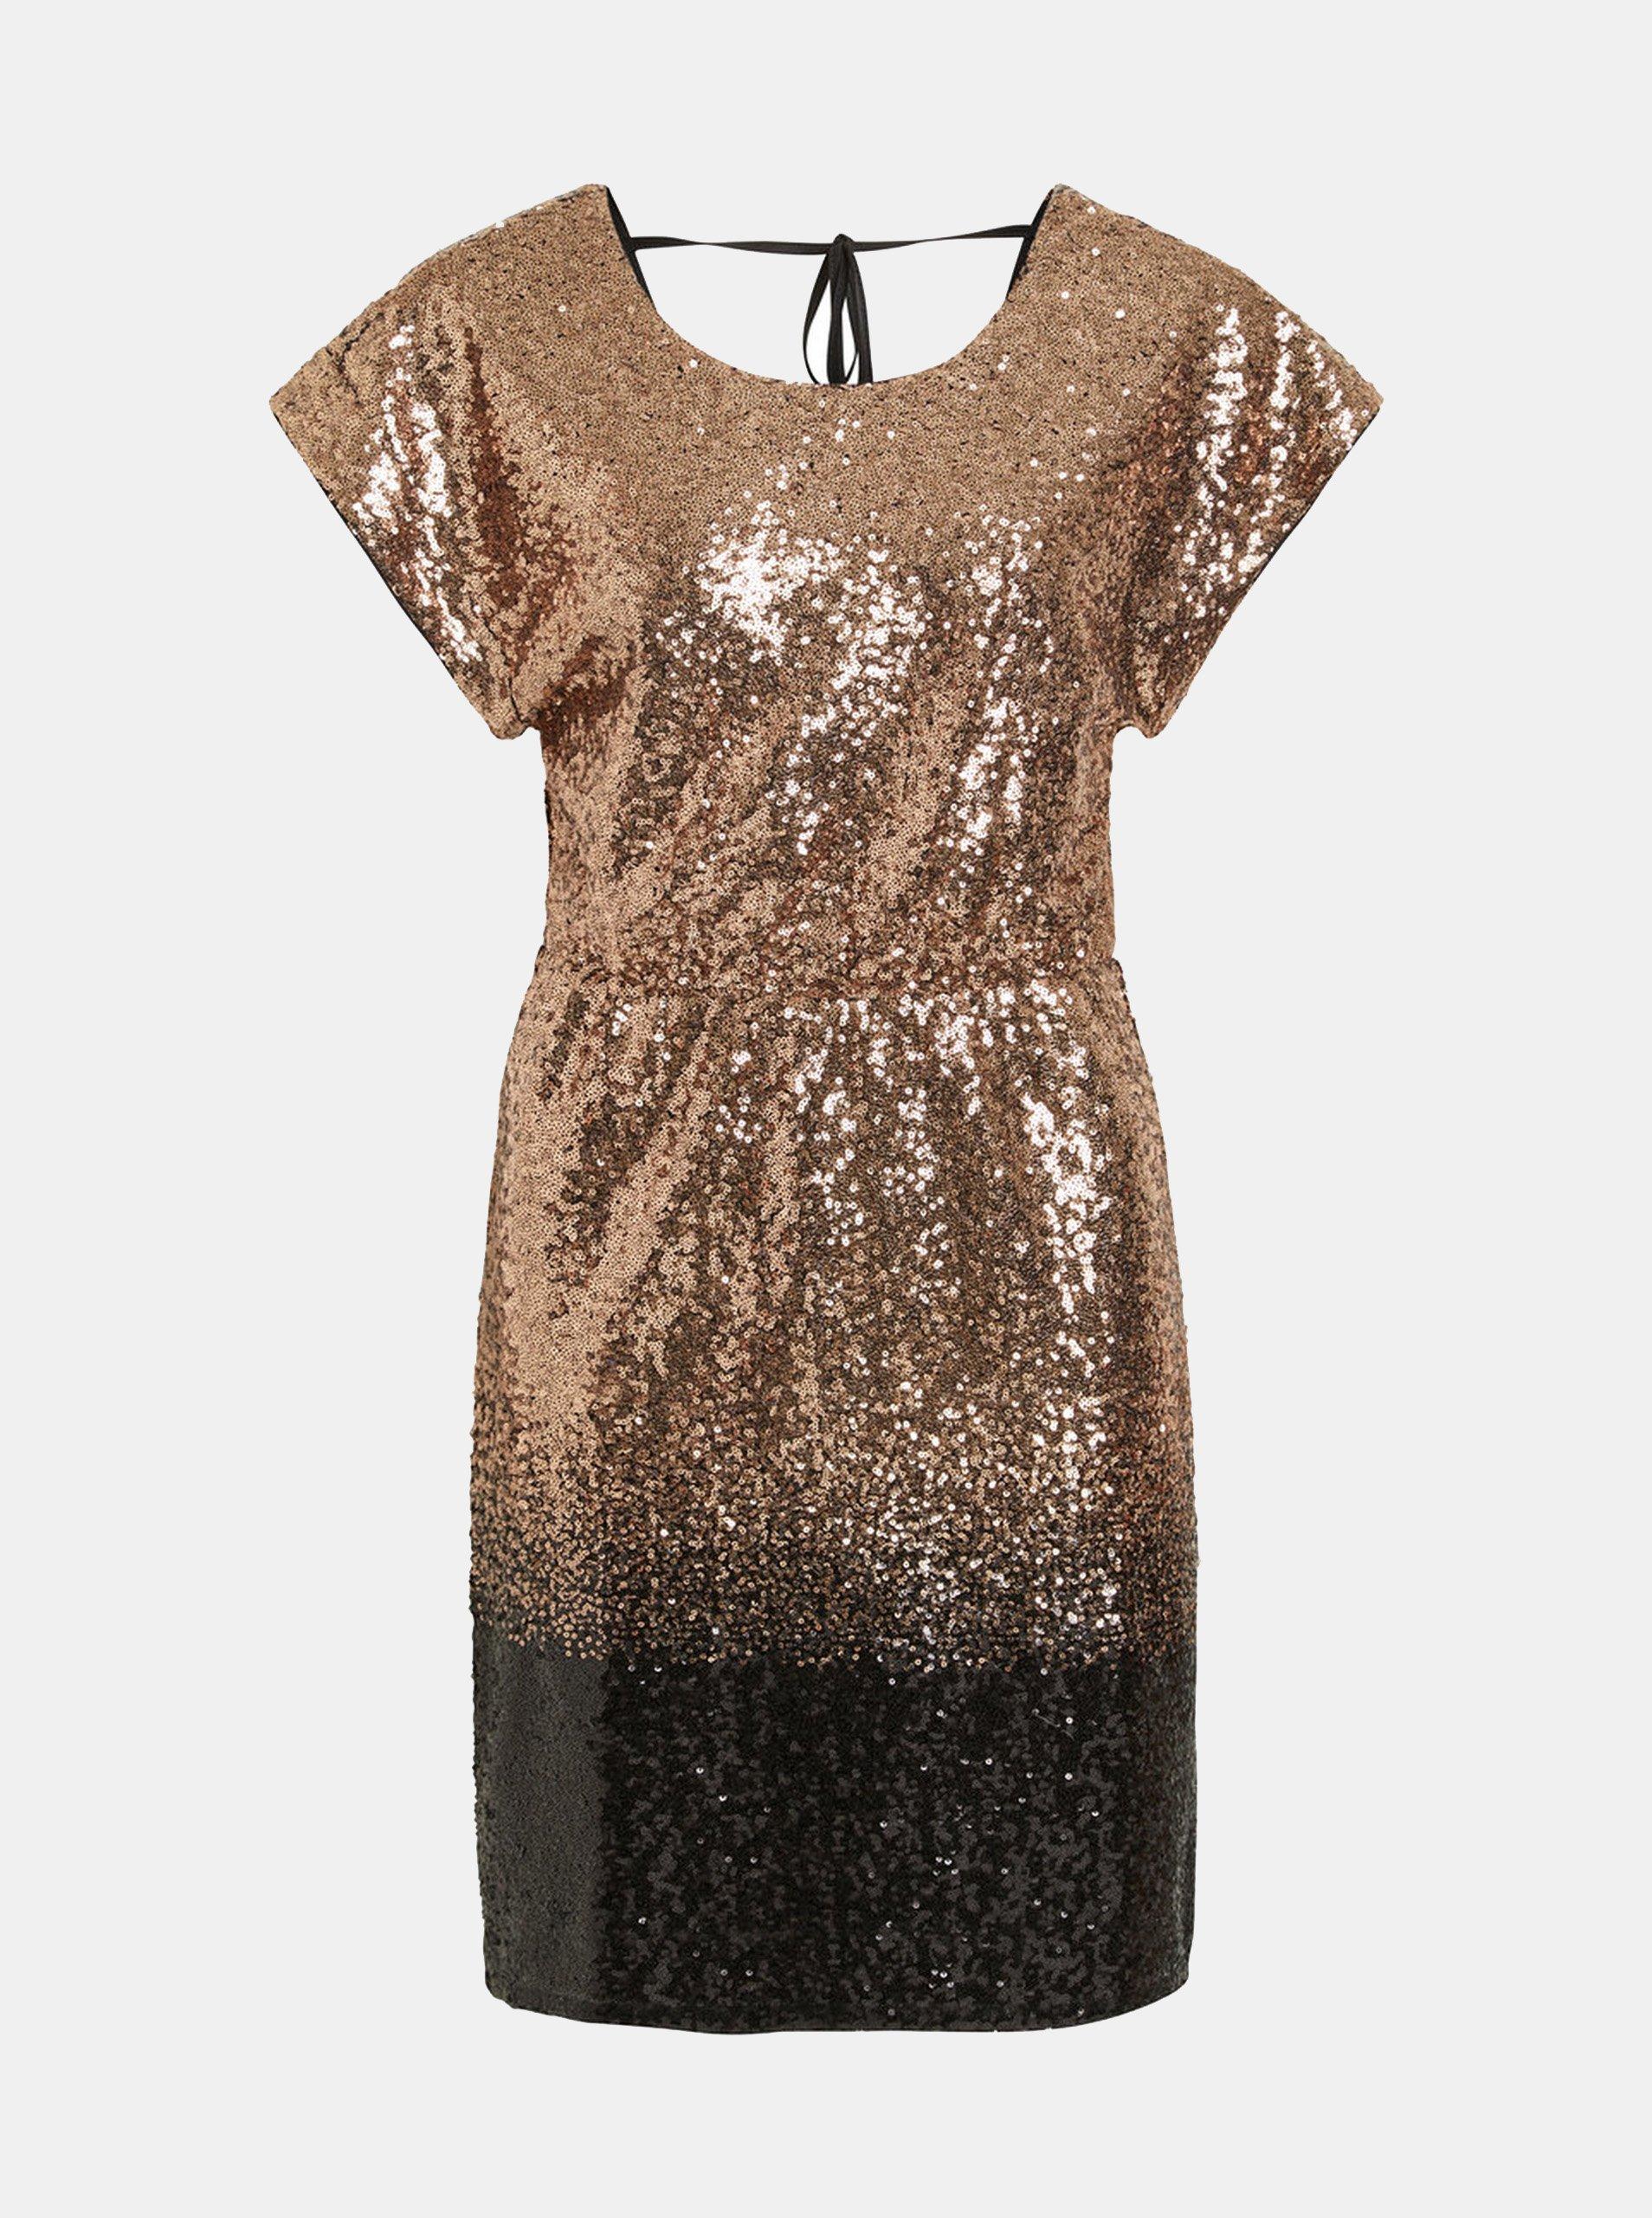 Šaty s flitry v černo-zlaté barvě VILA Elvia e0f3e044a6